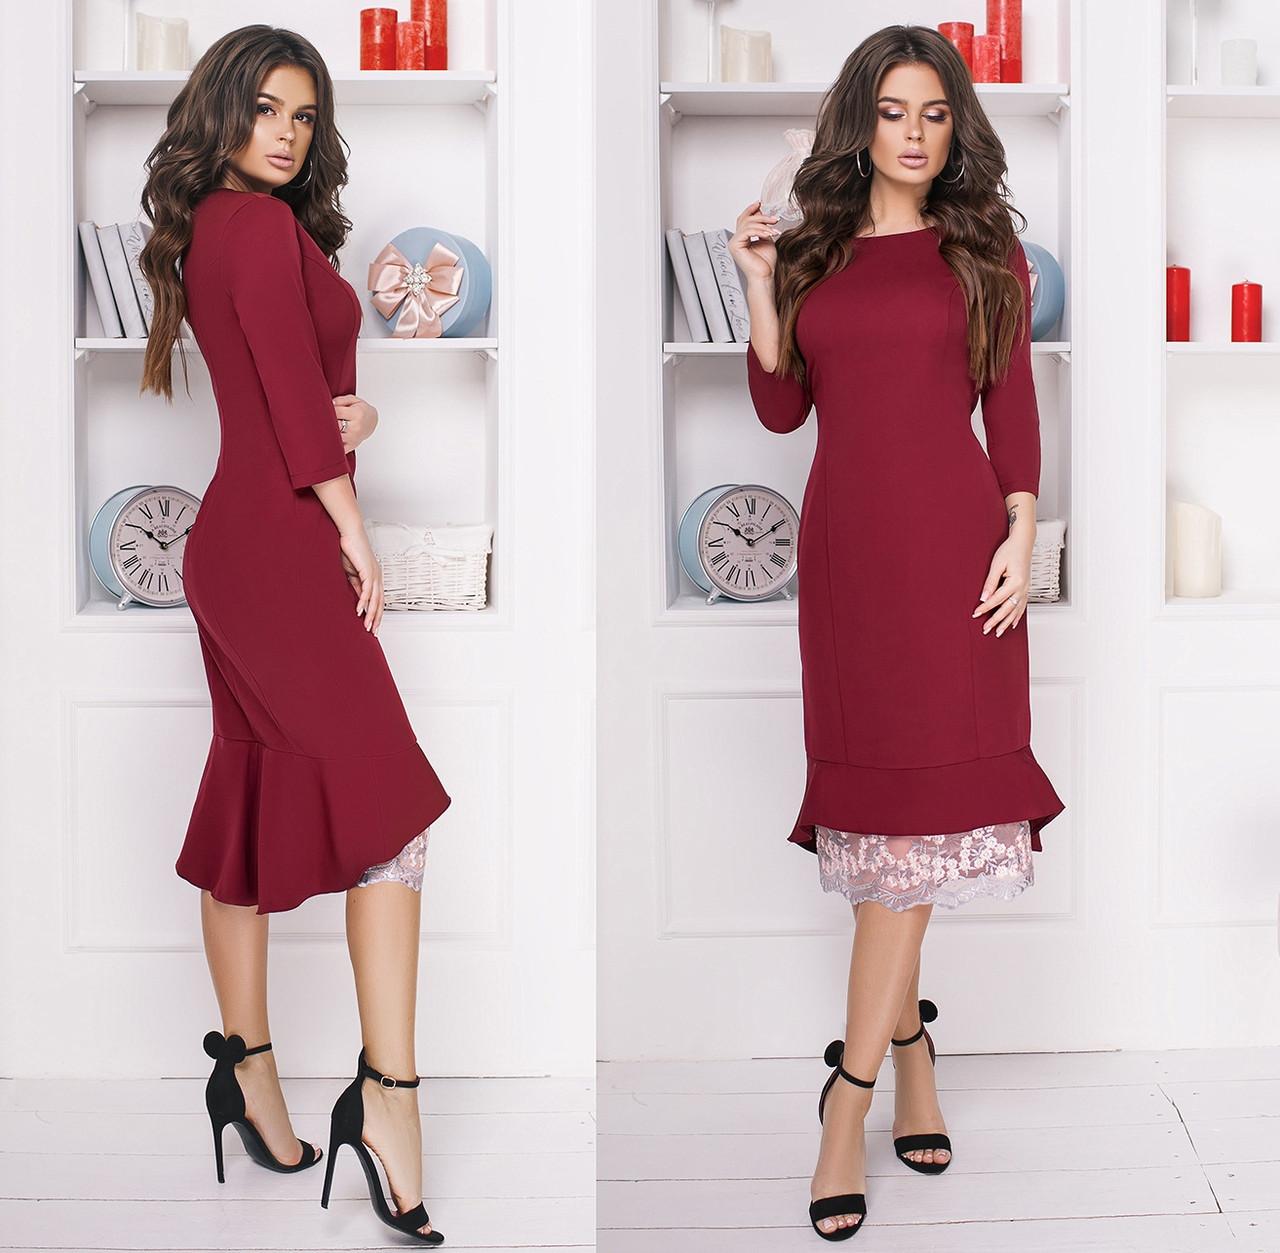 a06dbec6f5d Очаровательное платье с вышивкой на сетке. Бордовое